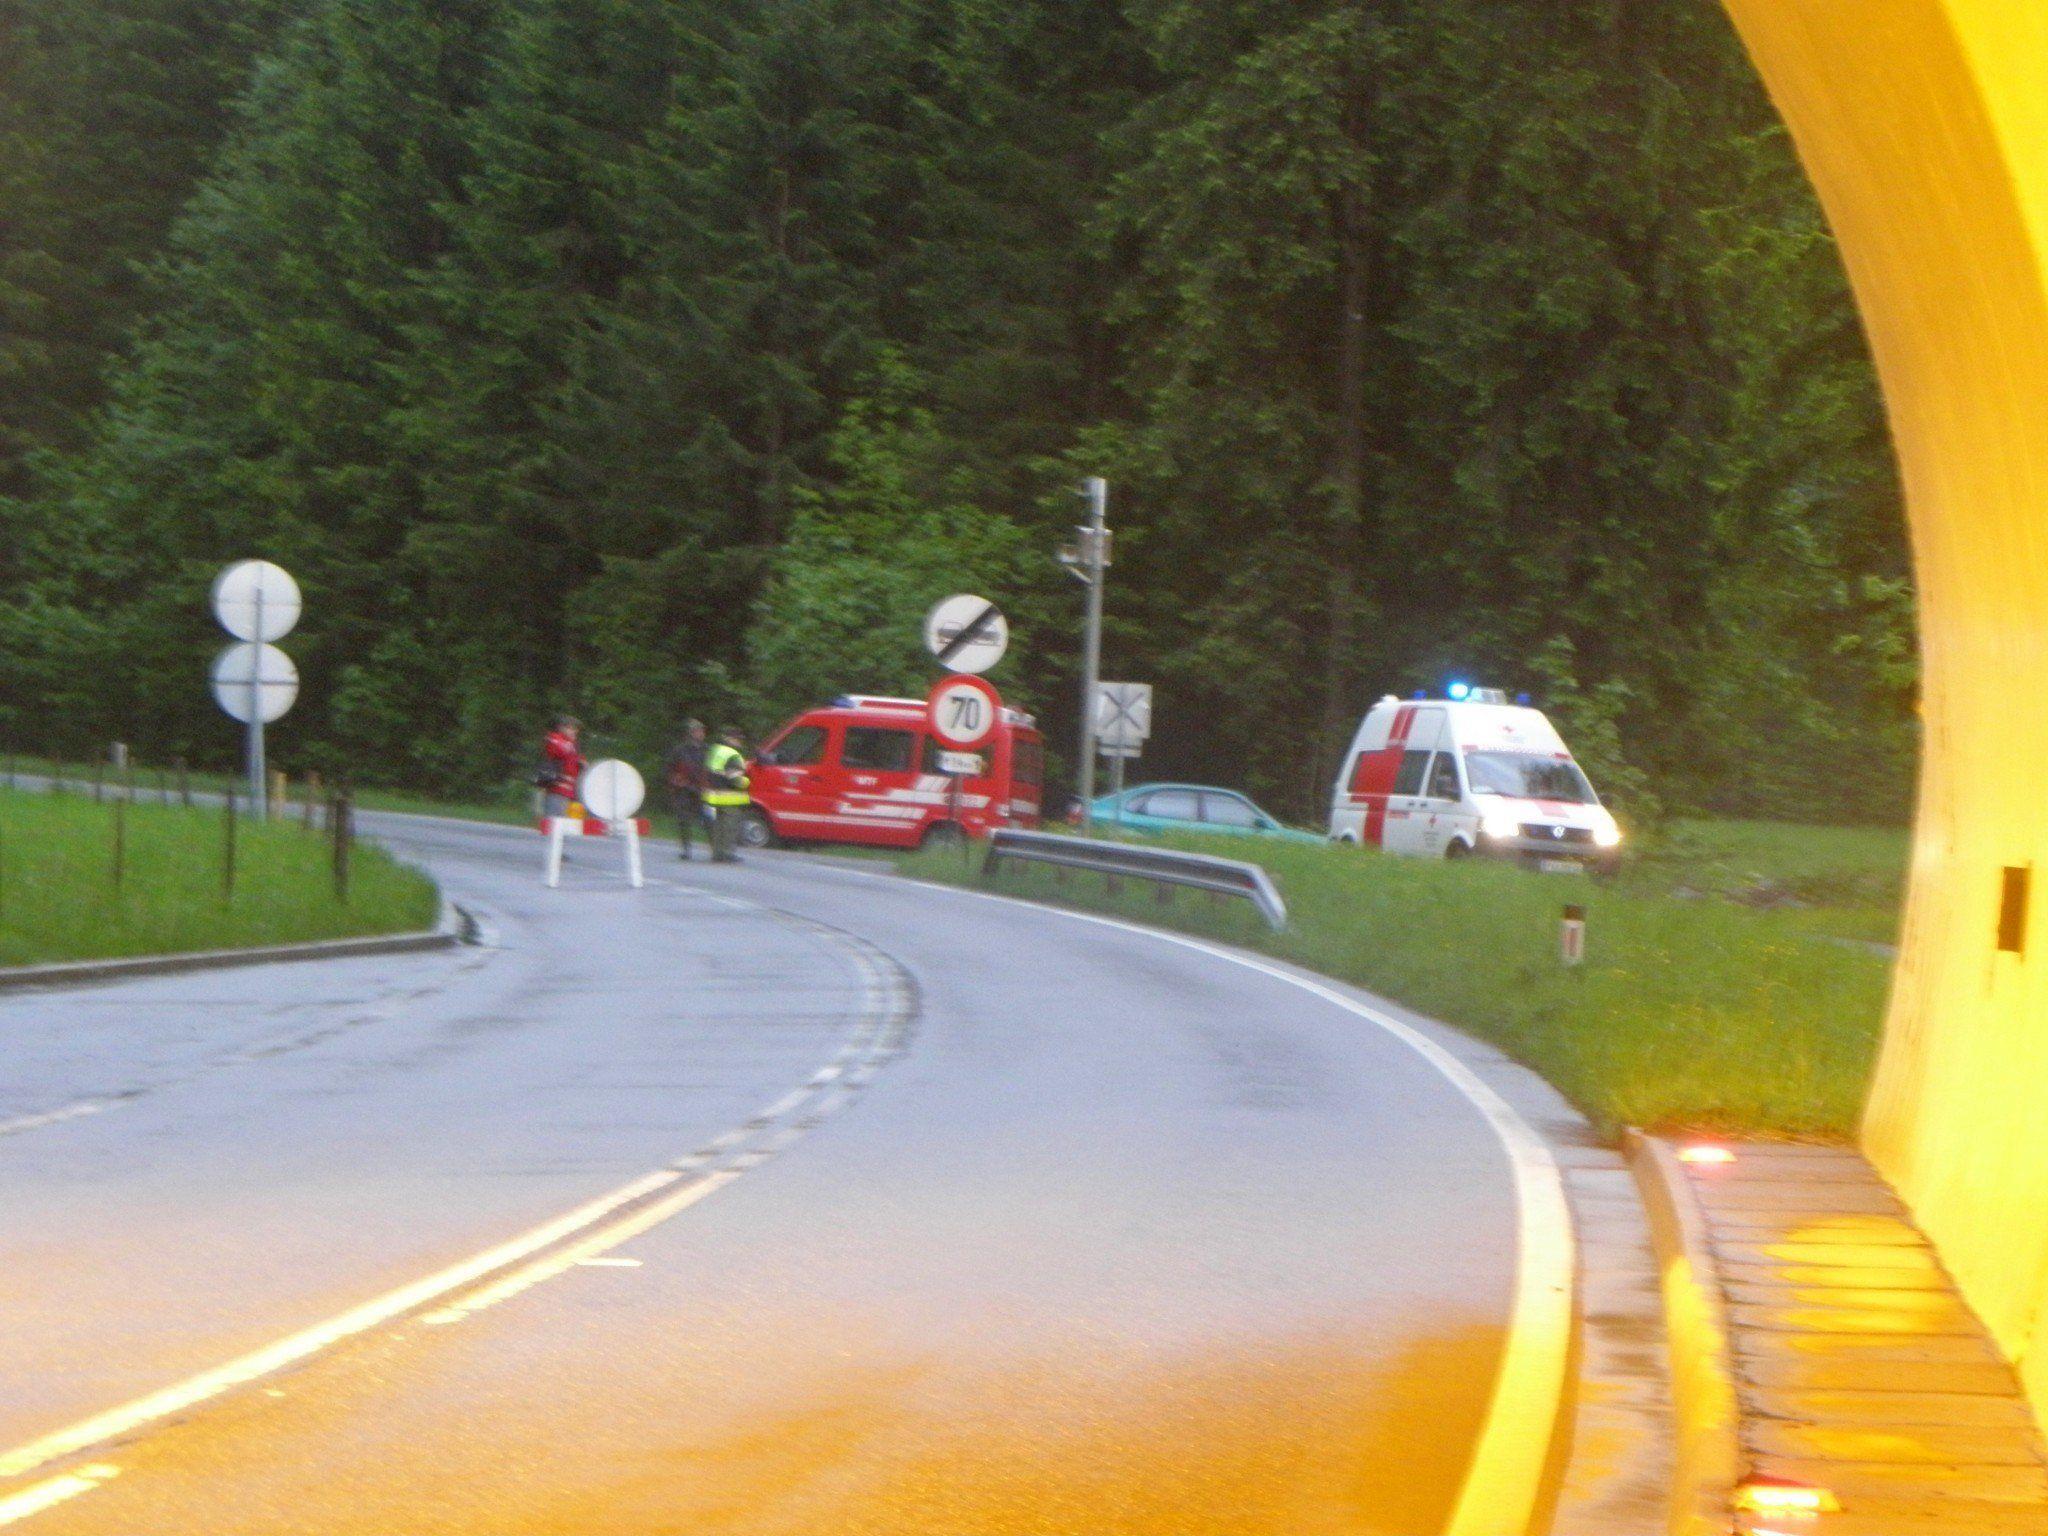 Am Dienstag, 22. Oktober, wird der Schnepfauer Tunnel am späten Abend für einige Stunden gesperrt.